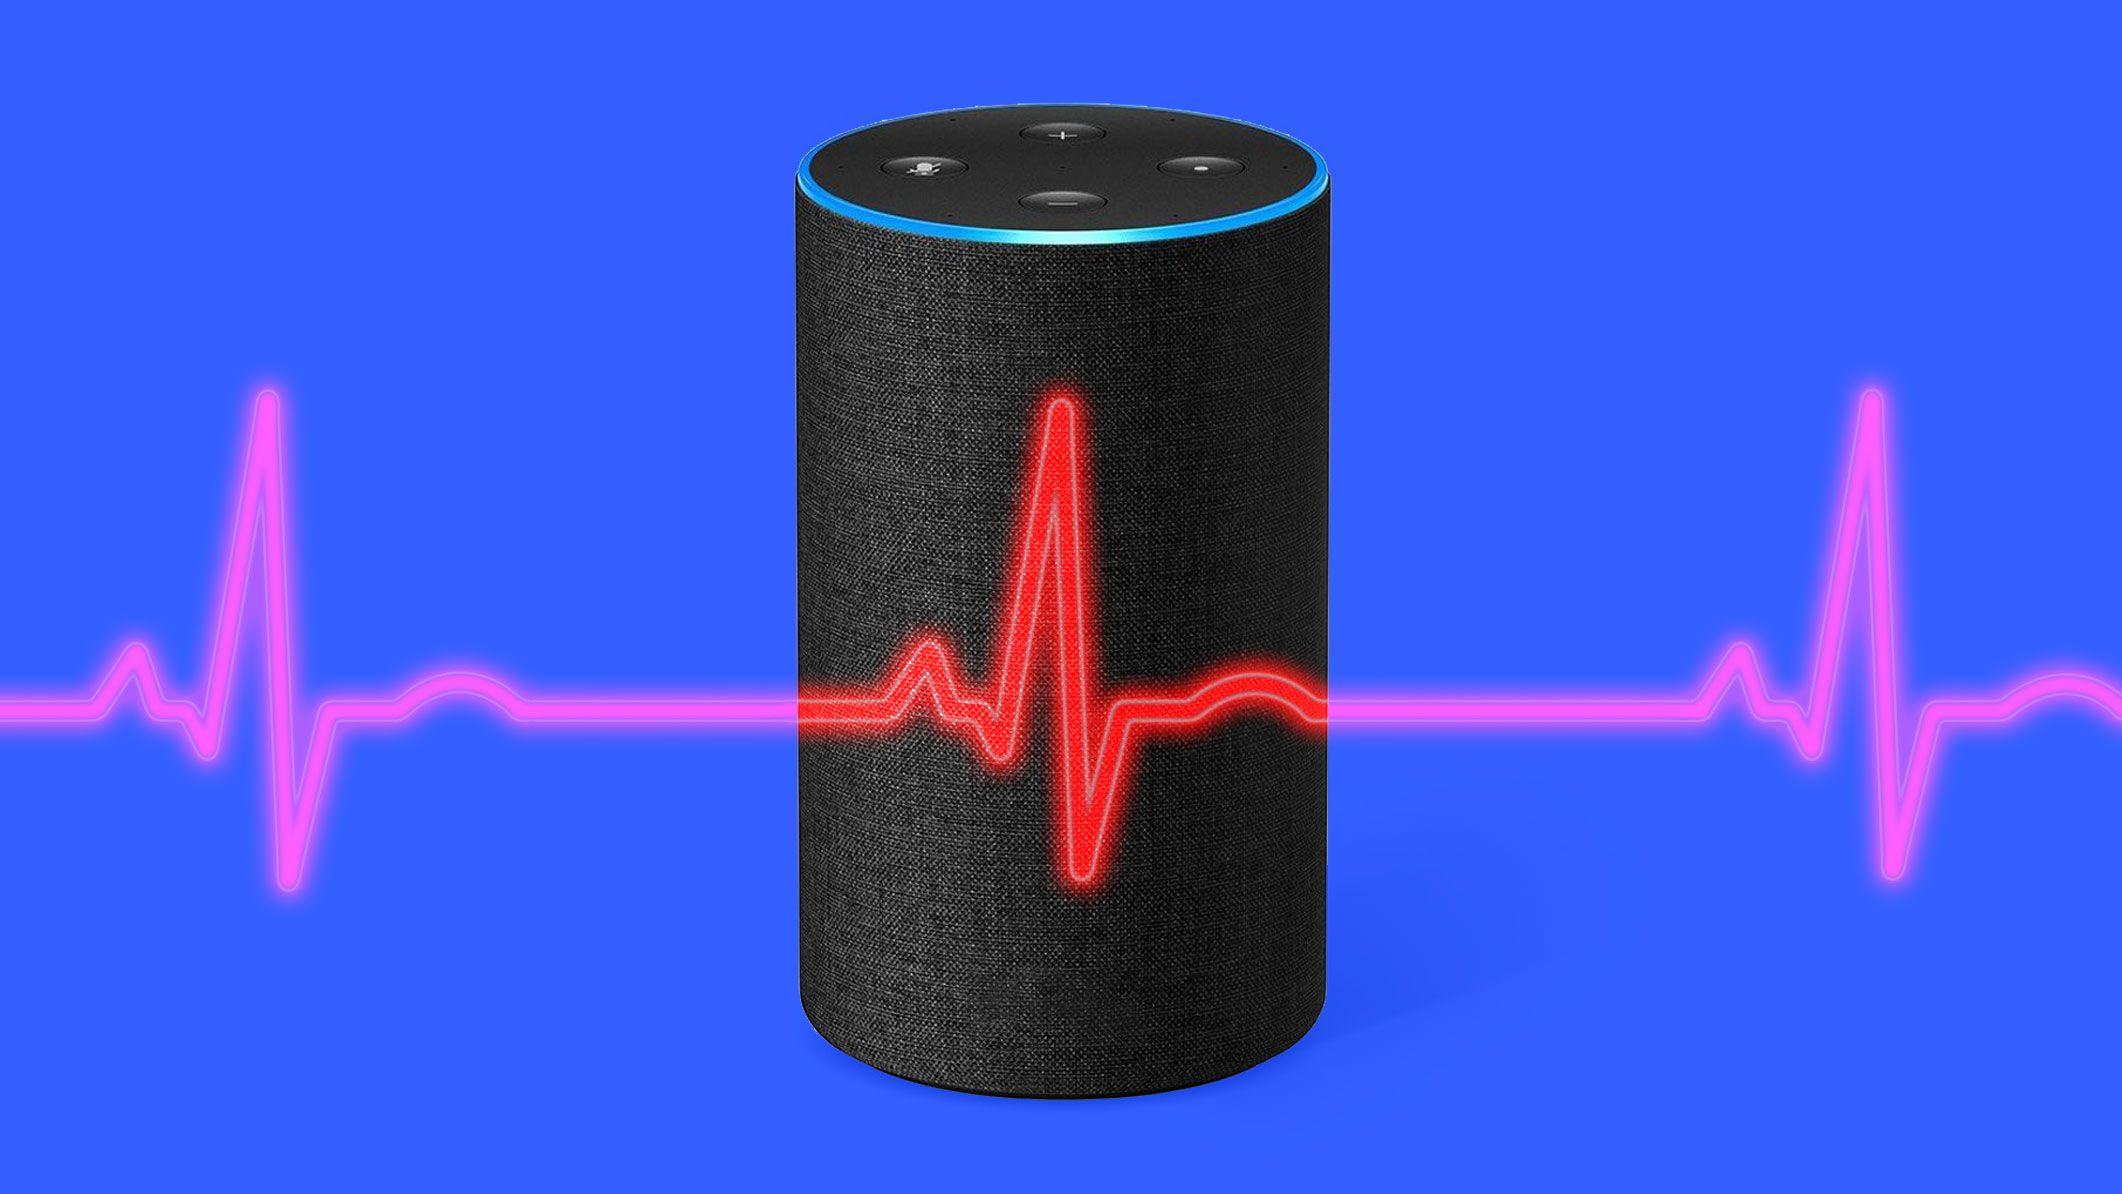 「死戦期呼吸」を音で識別、突然死をアプリで防ぐ